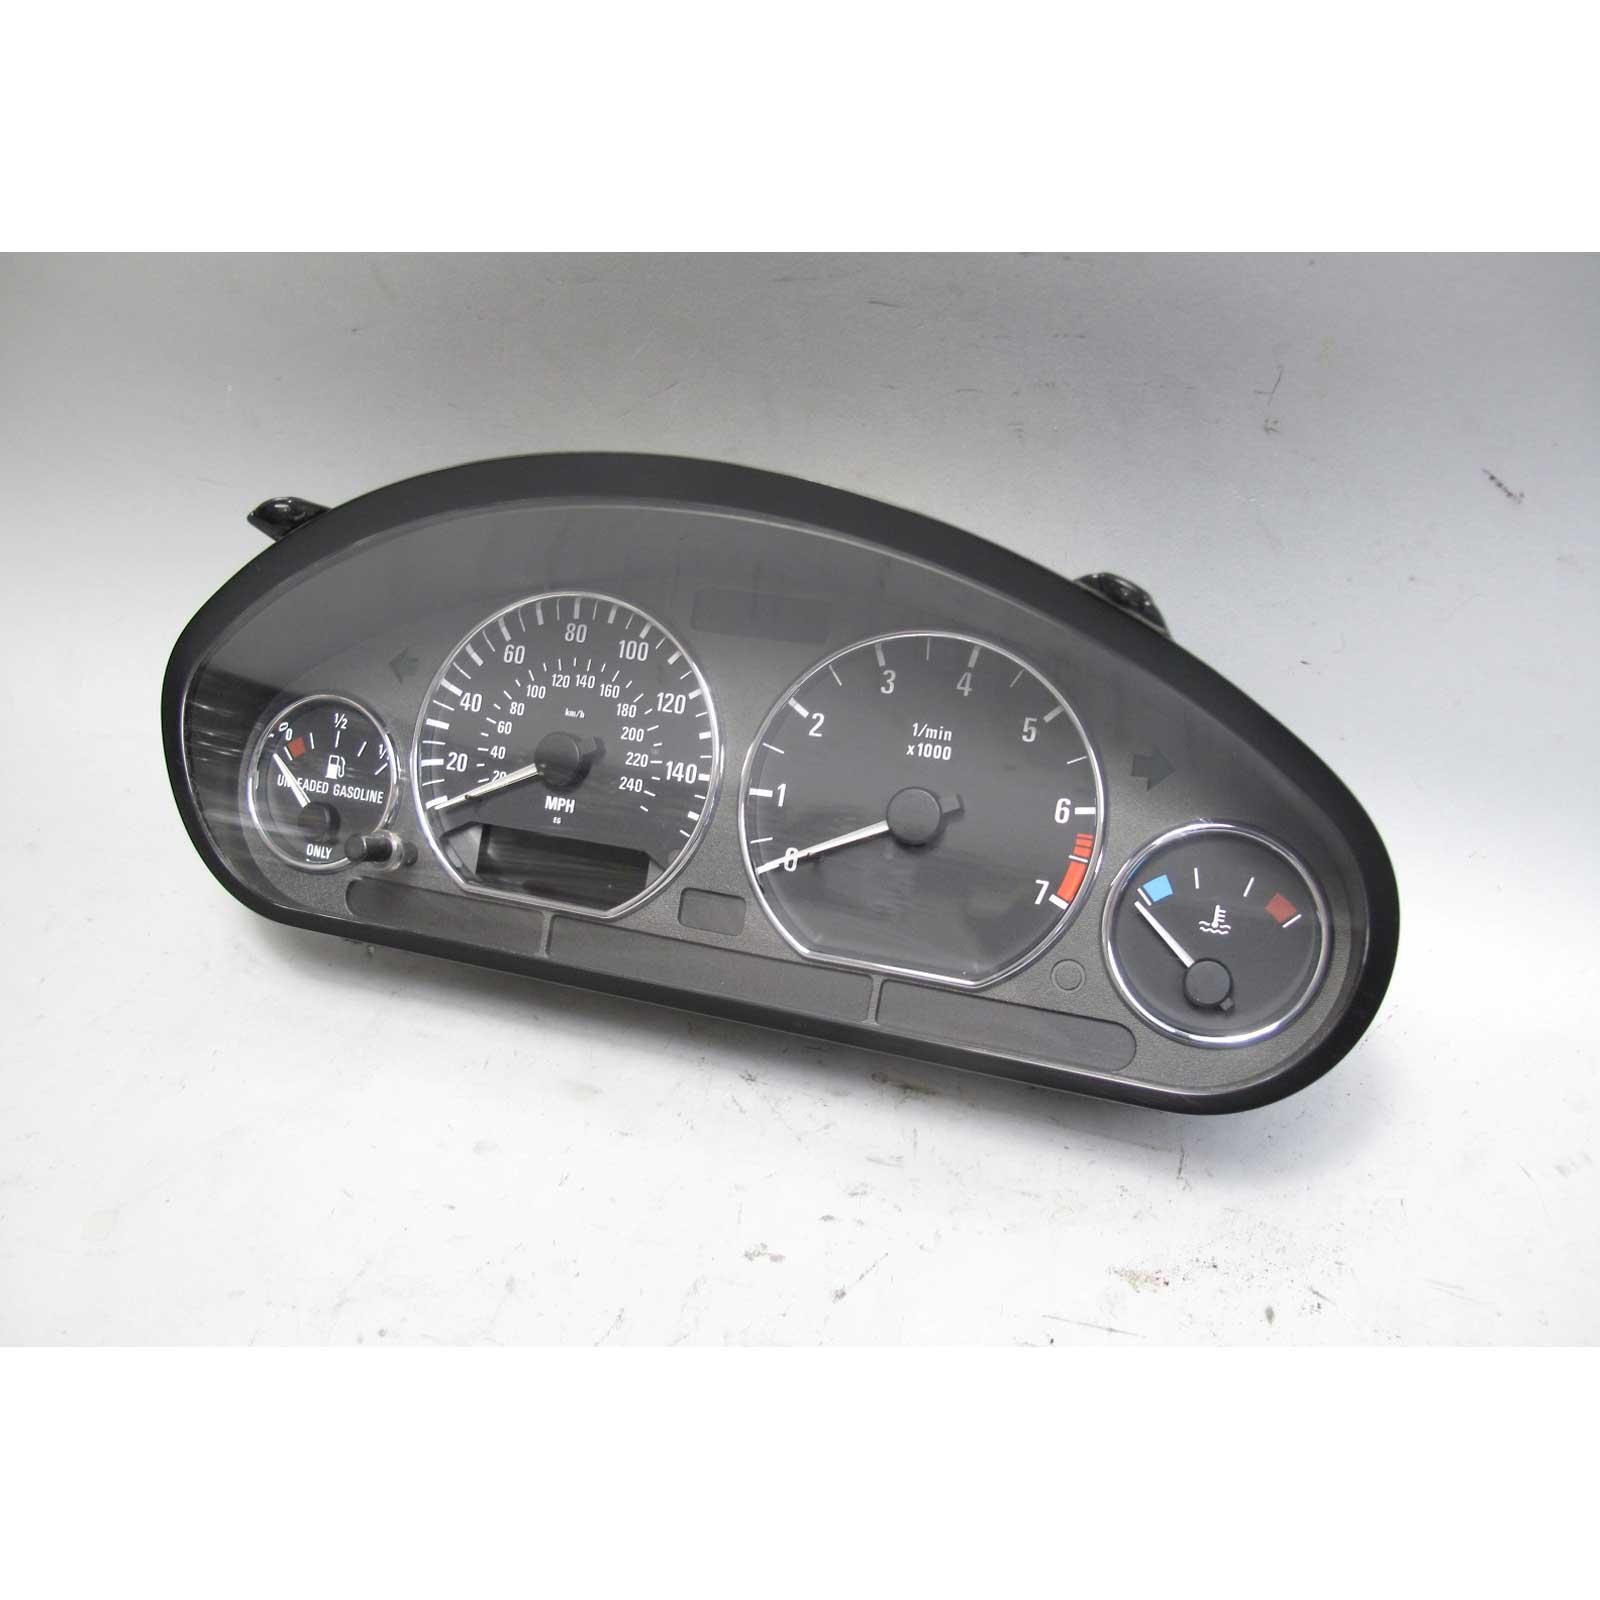 Bmw Z3 Specialist: 1999-2000 BMW Z3 Roadster 2.3 2.8 M52TU Instrument Gauge